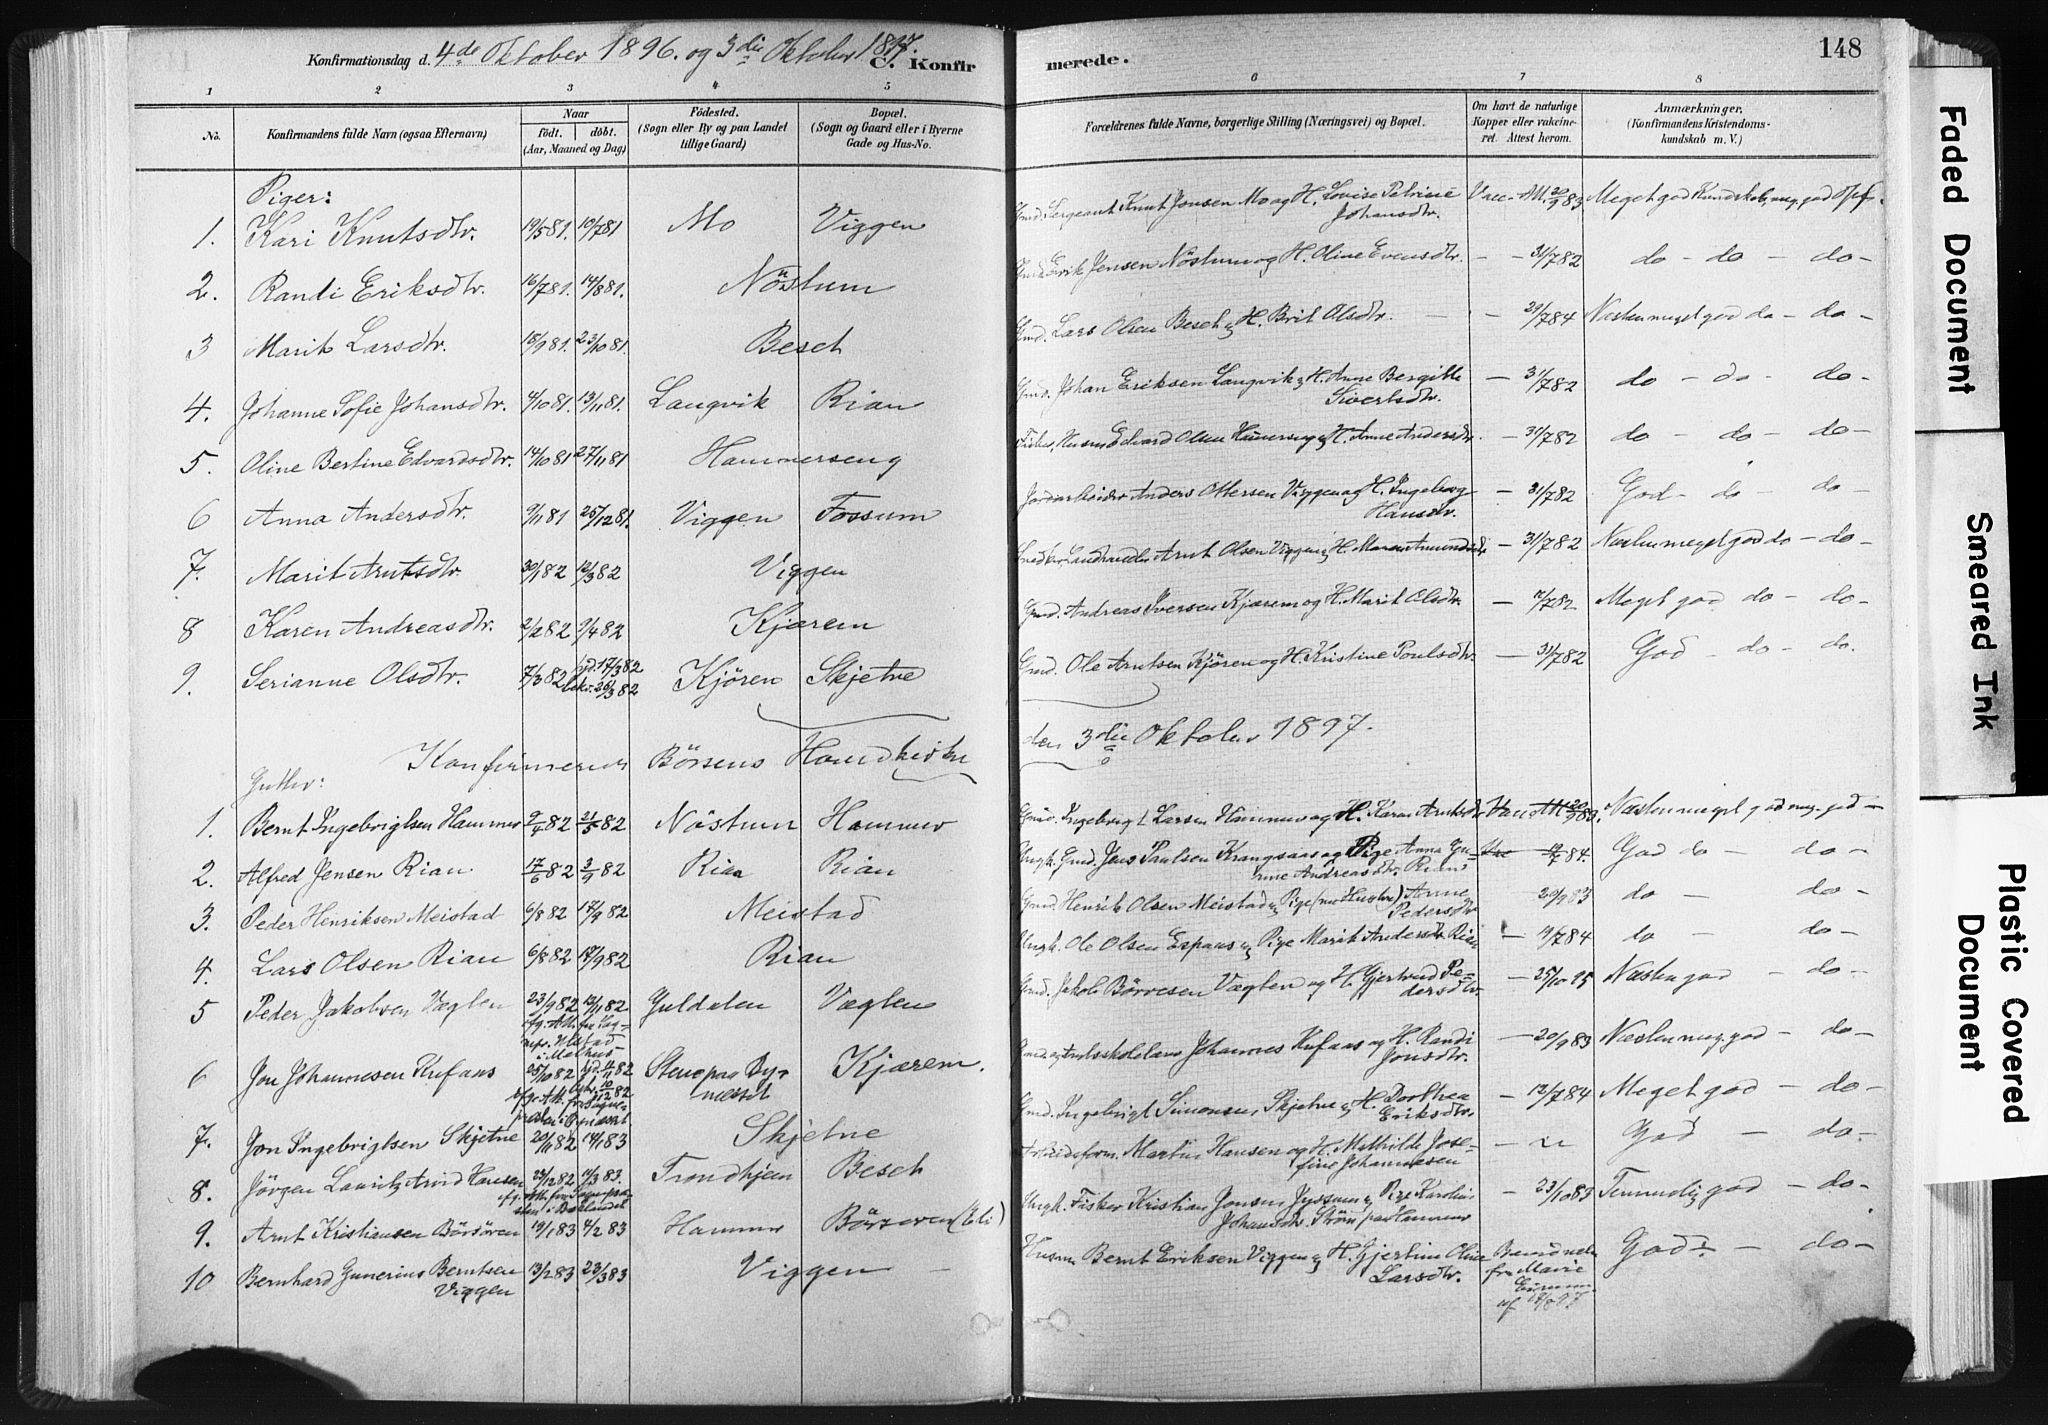 SAT, Ministerialprotokoller, klokkerbøker og fødselsregistre - Sør-Trøndelag, 665/L0773: Ministerialbok nr. 665A08, 1879-1905, s. 148